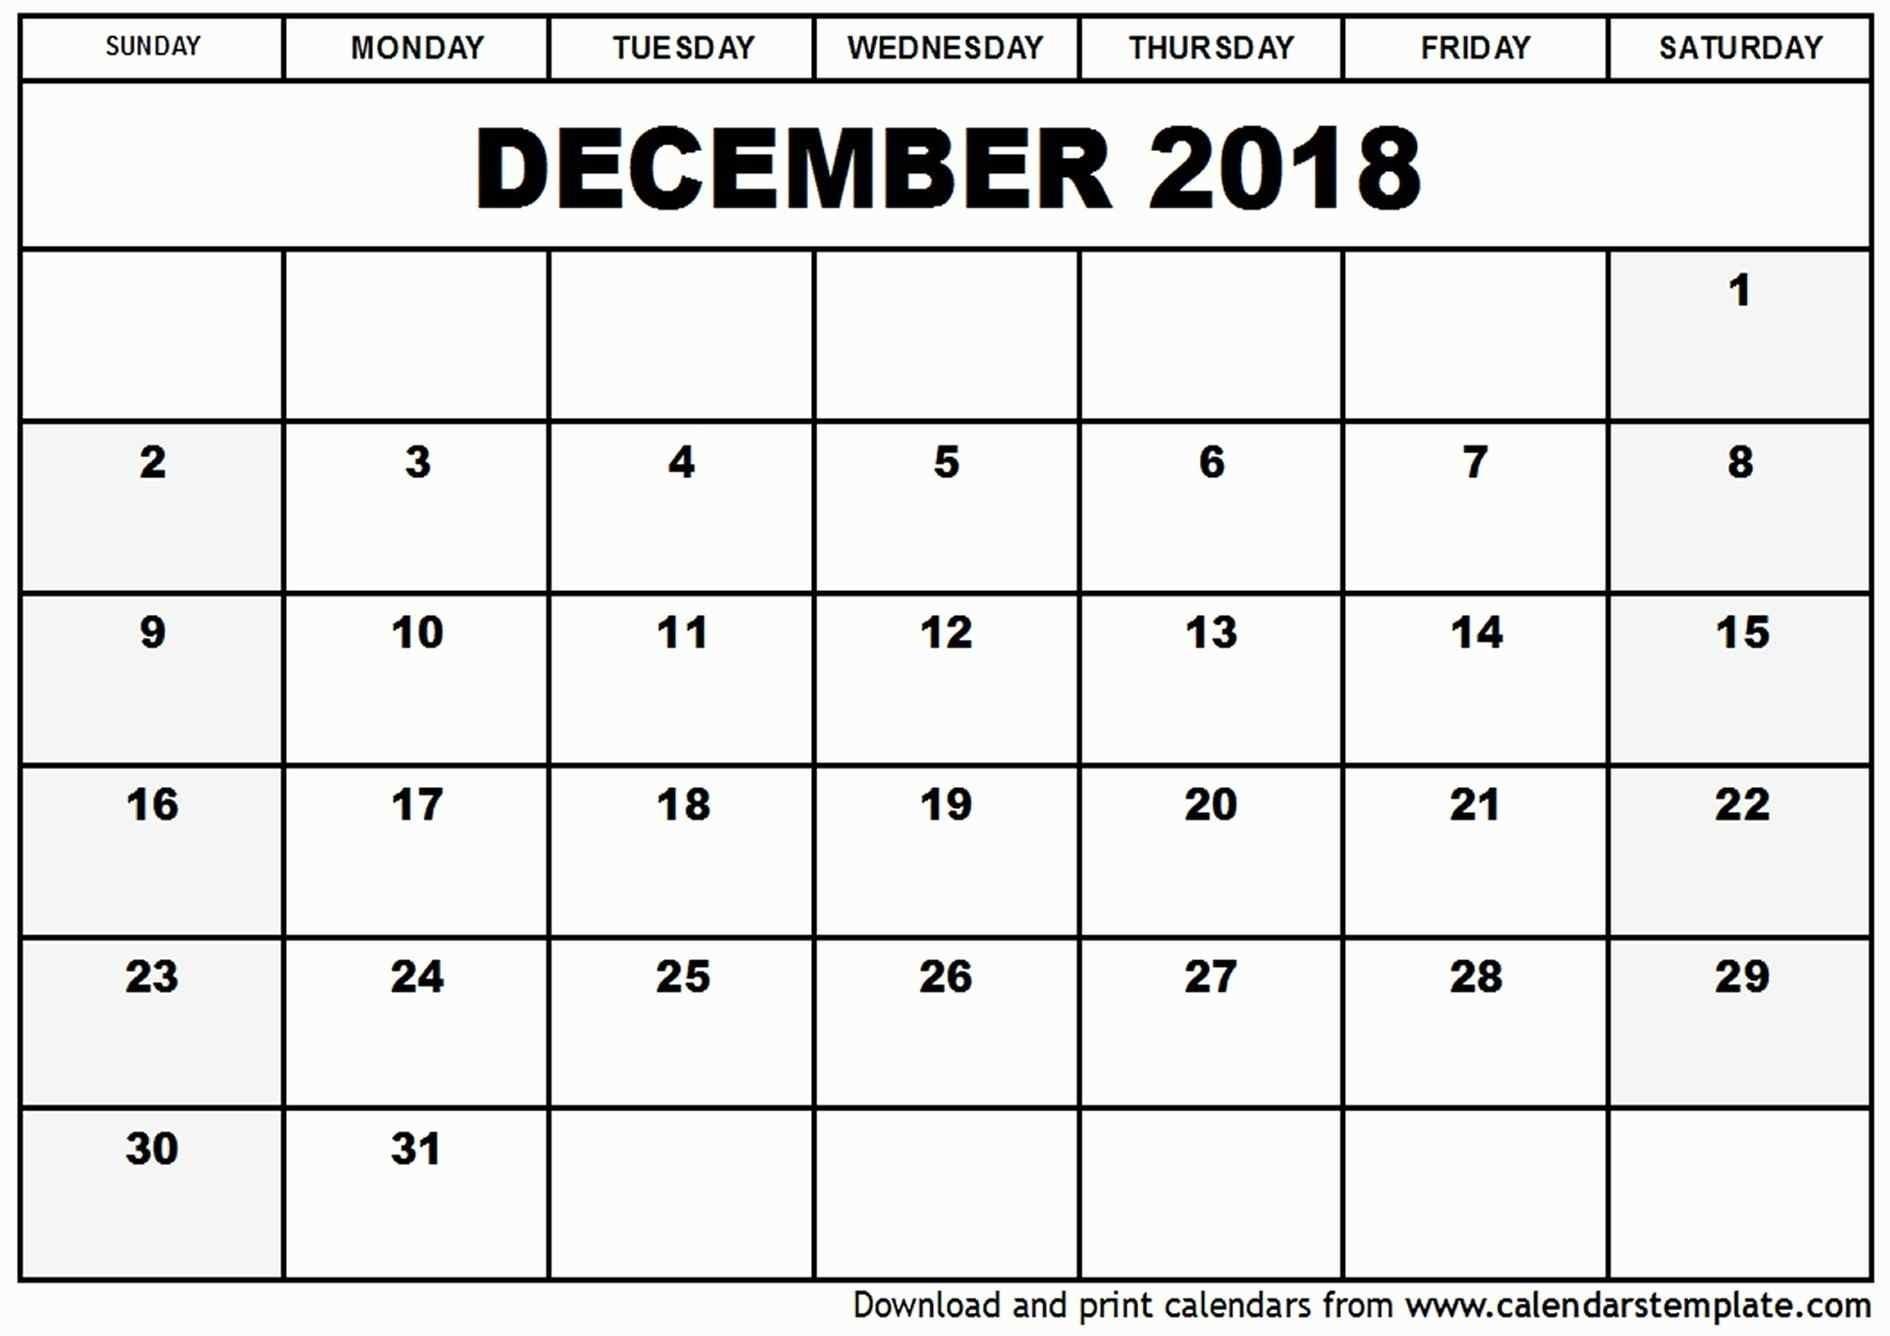 Calendario 2019 Argentina Para Imprimir Word Más Caliente Determinar Calendario 2019 In Excel Of Calendario 2019 Argentina Para Imprimir Word Más Arriba-a-fecha Evaluar Calendario 2019 Con Sus Feriados